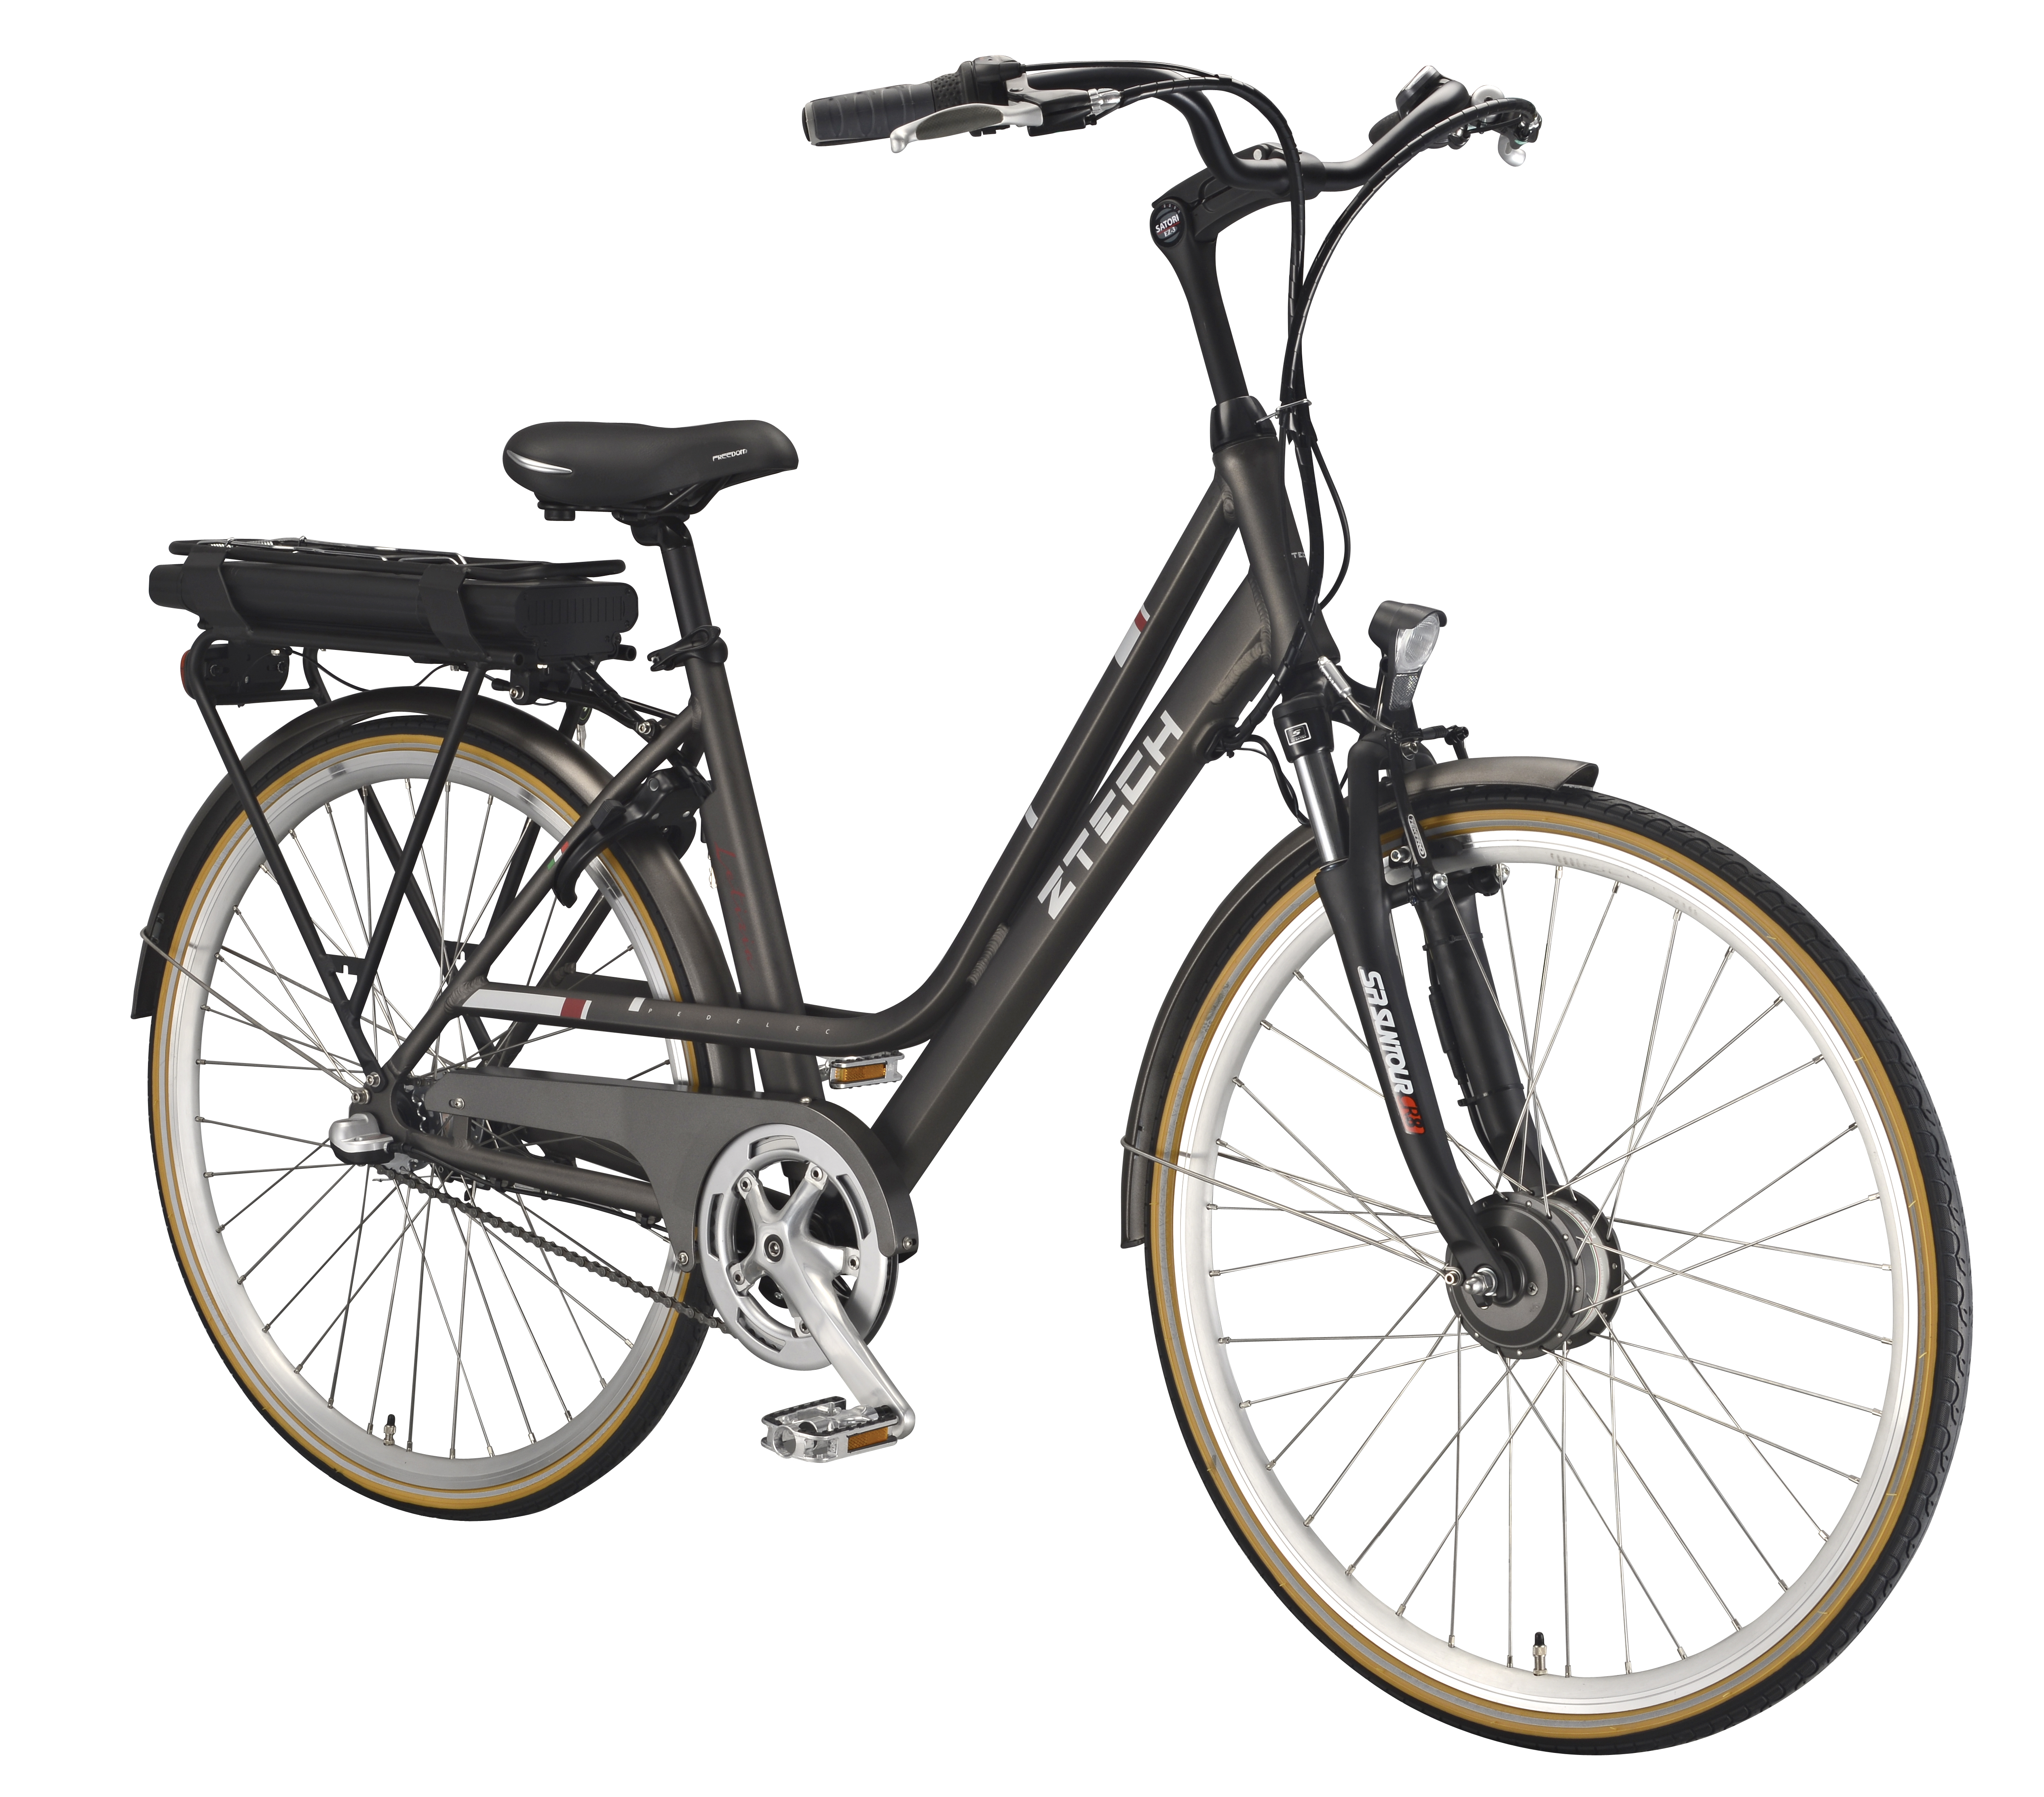 Bicicleta electrica Ztech ZT-80 Letizia N7